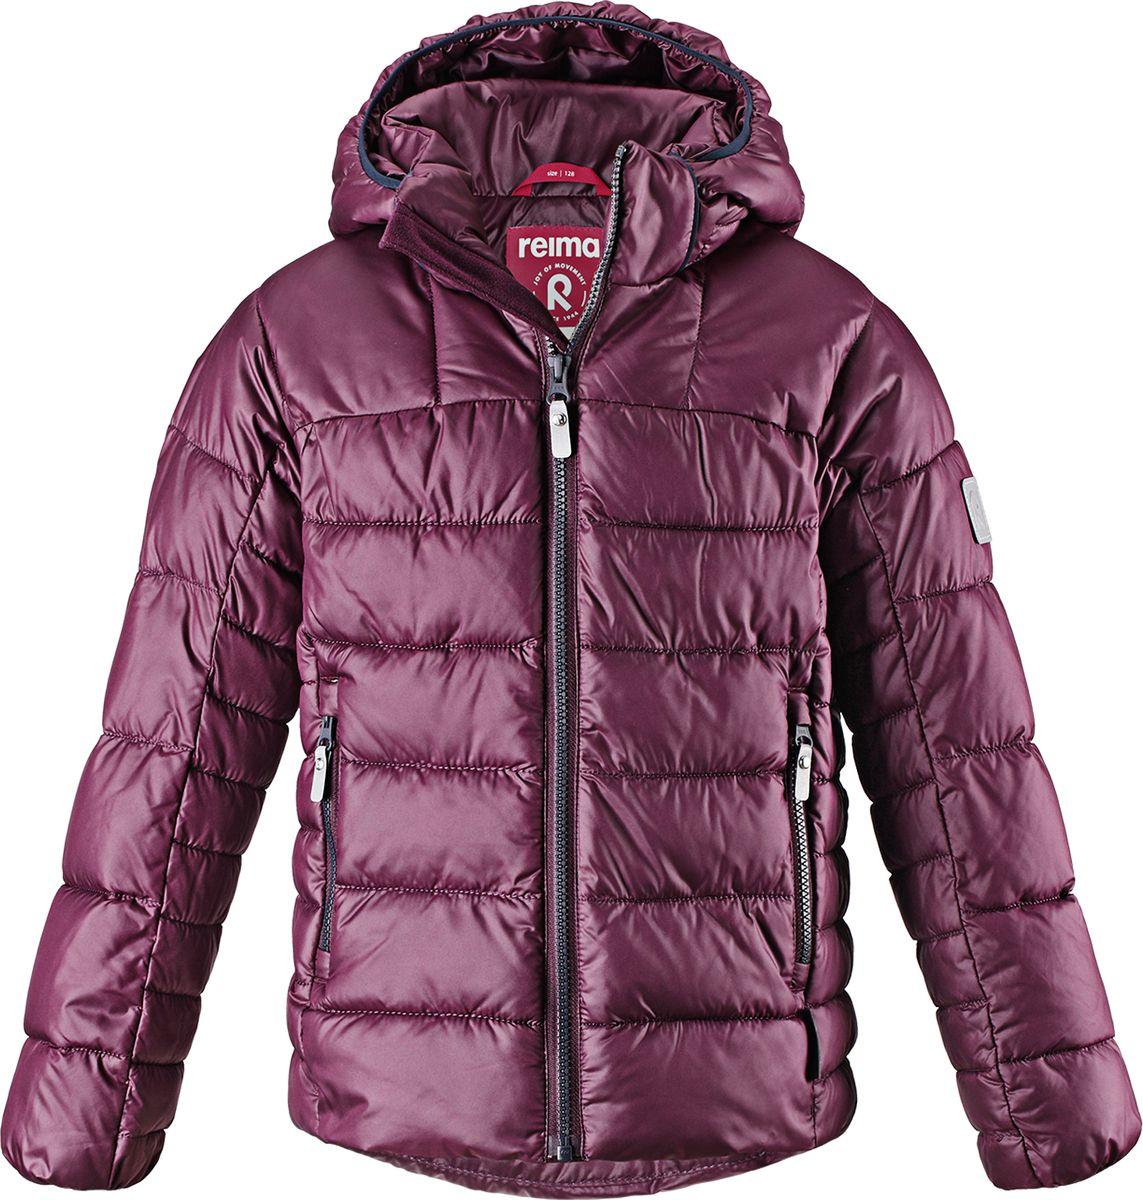 Куртка для мальчика Reima Petteri, цвет: фиолетовый. 5313434960. Размер 1585313434960Теплая и ветронепроницаемая зимняя куртка для детей и подростков. Куртку с гладкой подкладкой из полиэстера легко надевать и очень удобно носить. Куртка оснащена съемным капюшоном, что обеспечивает дополнительную безопасность во время активных прогулок – капюшон легко отстегивается, если случайно за что-нибудь зацепится. Два кармана на молнии для мобильного телефона и других ценных мелочей. Образ довершают практичные детали: длинная молния высокого качества и светоотражающие элементы.